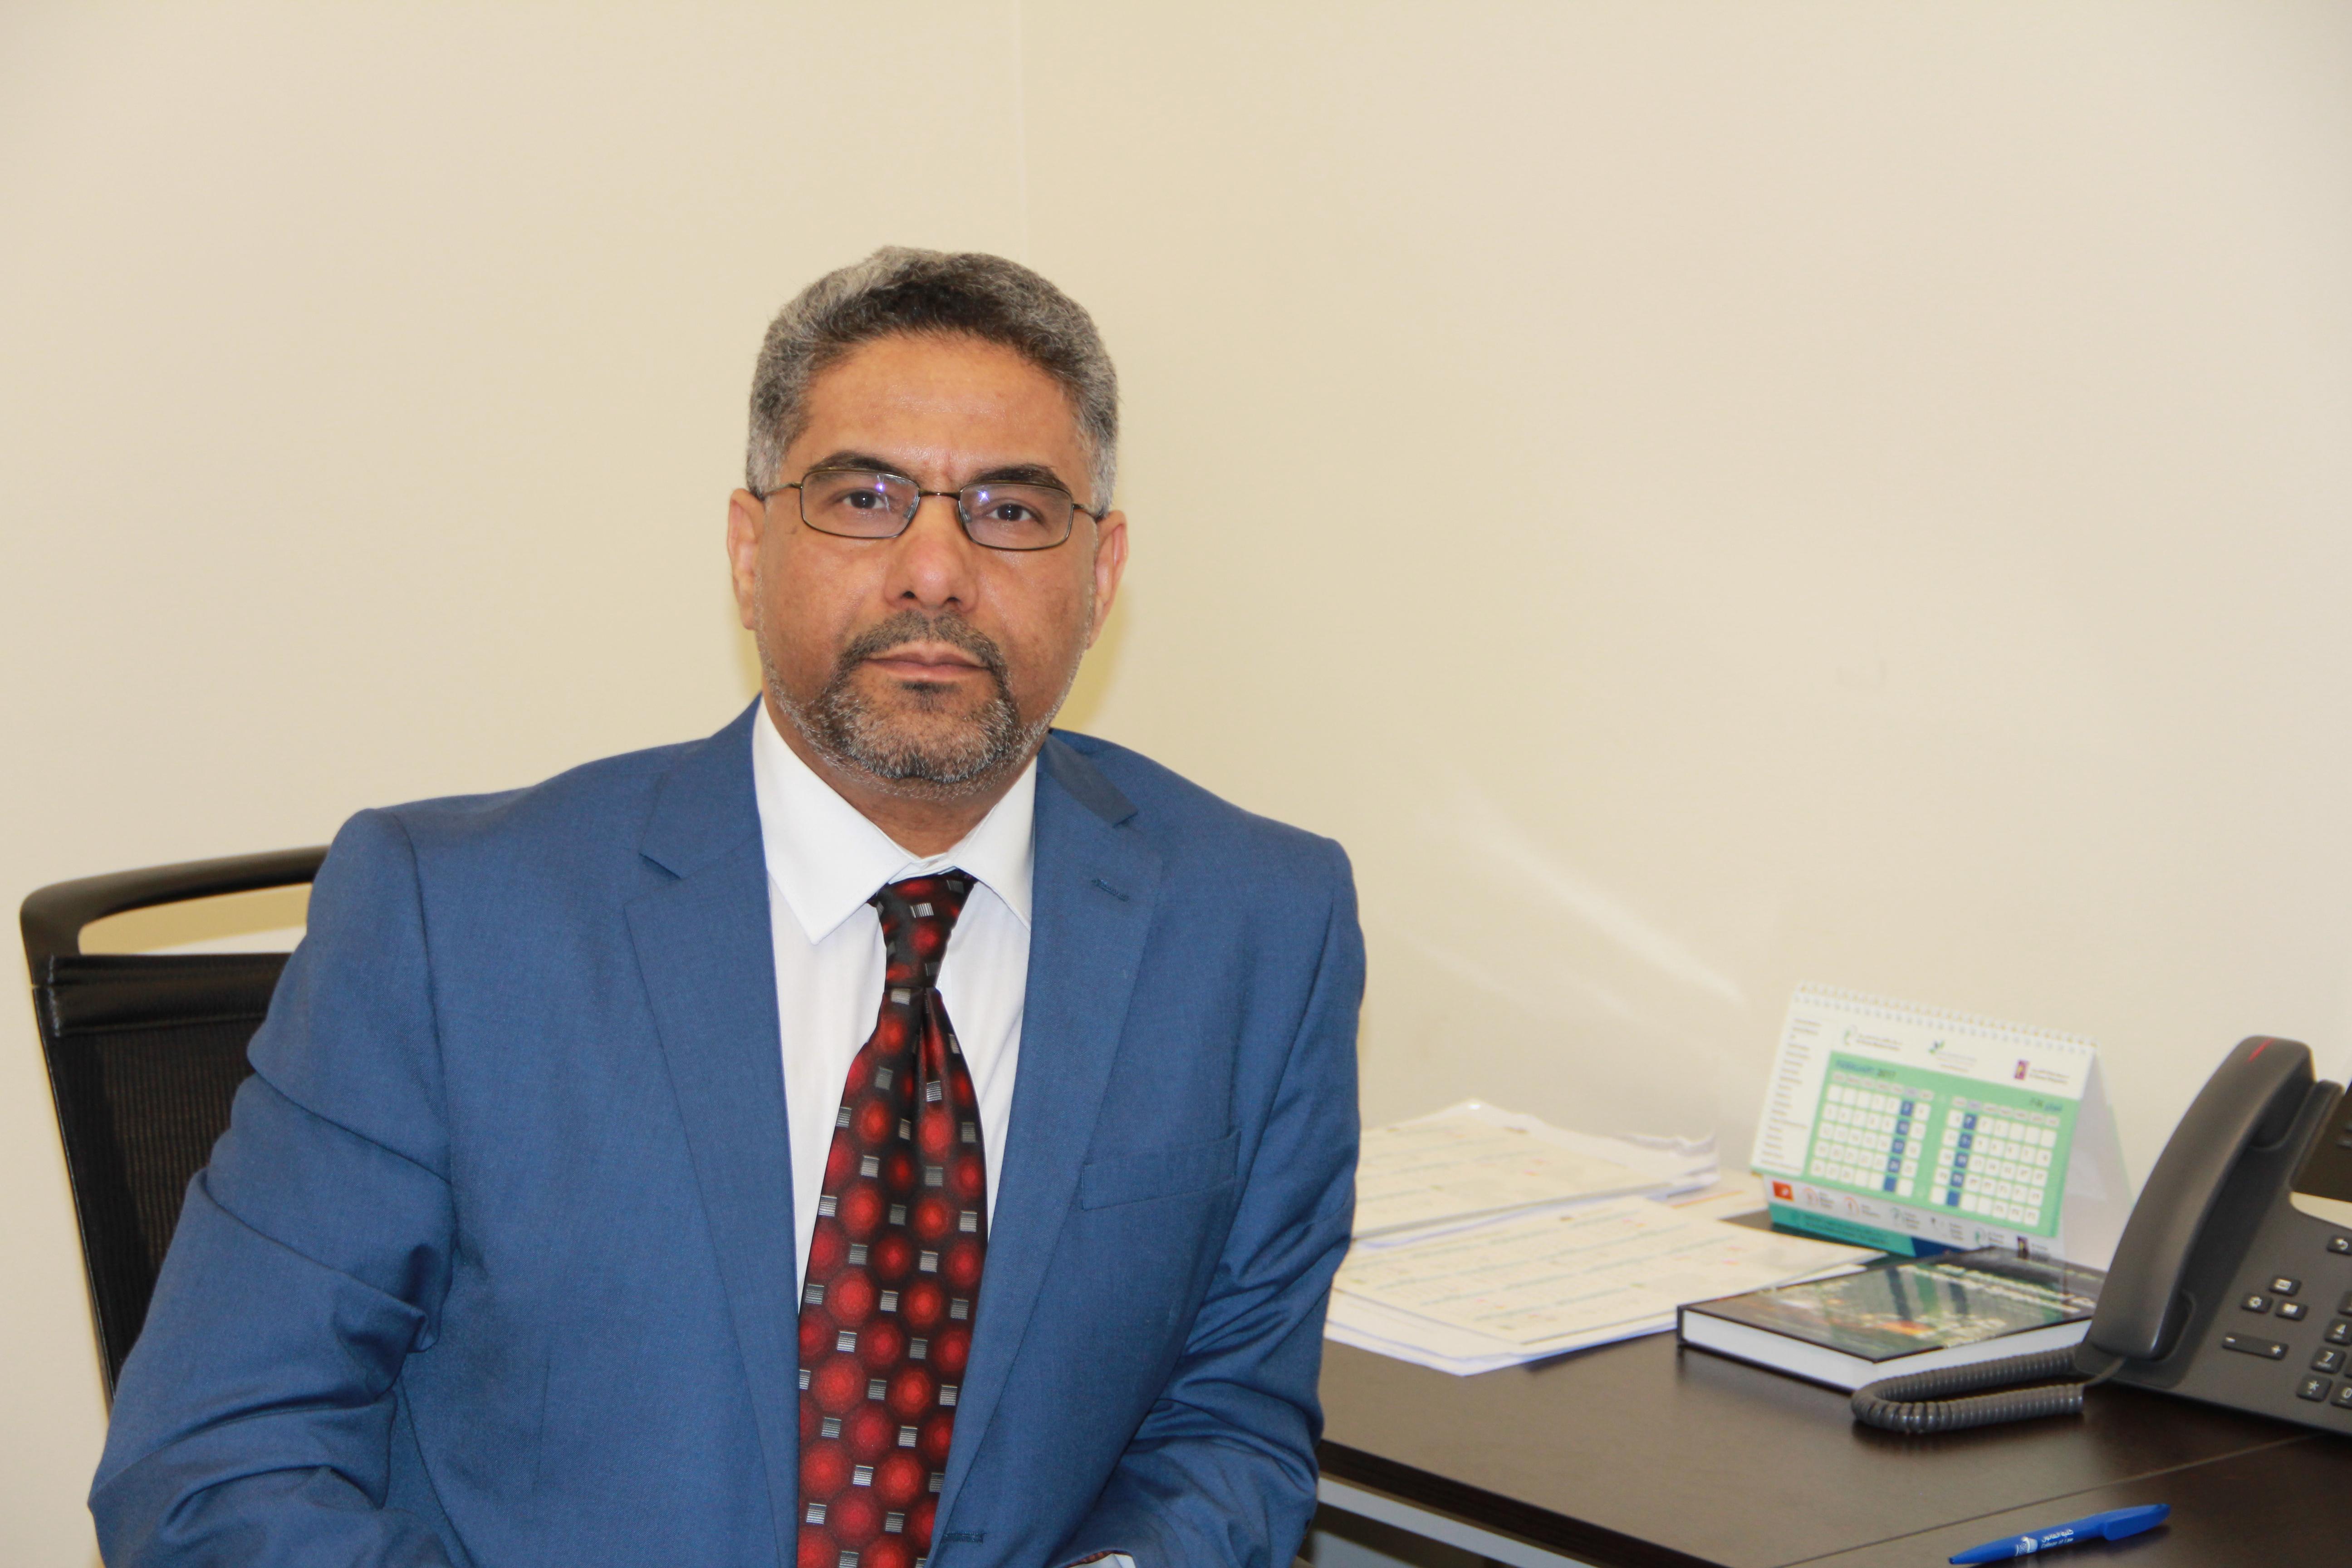 Muftah H. El-Naas